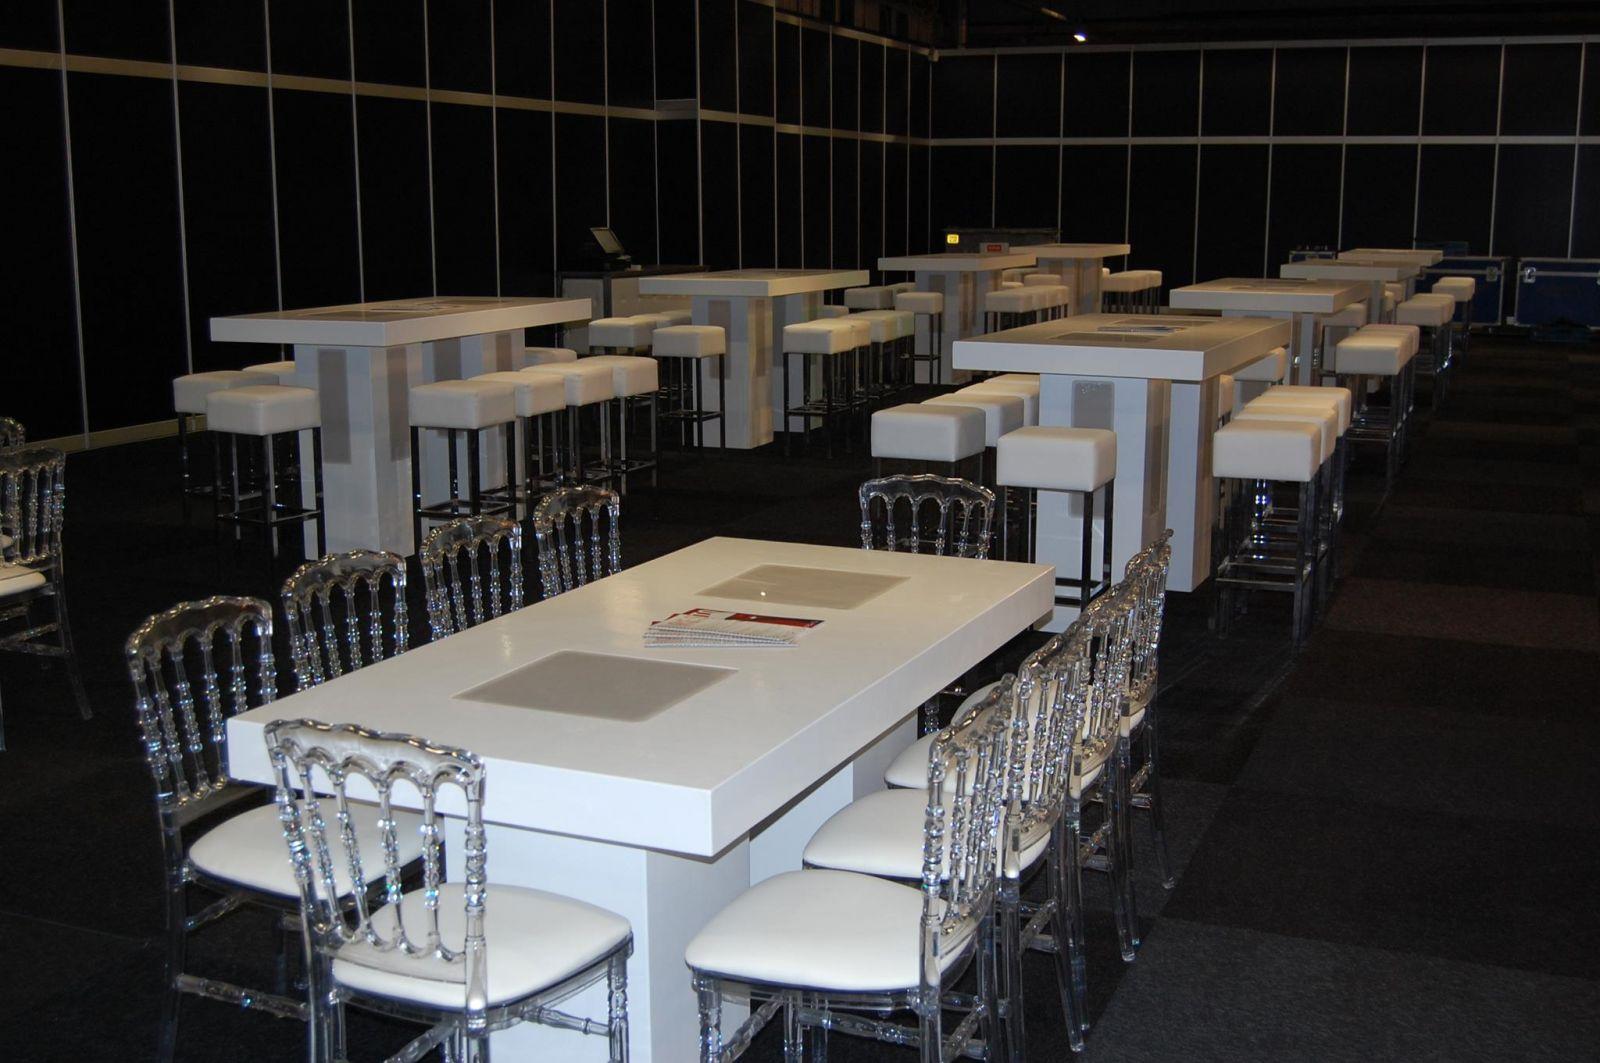 Tafels huren aalsmeer accuraat verhuur for Verhuur tafels